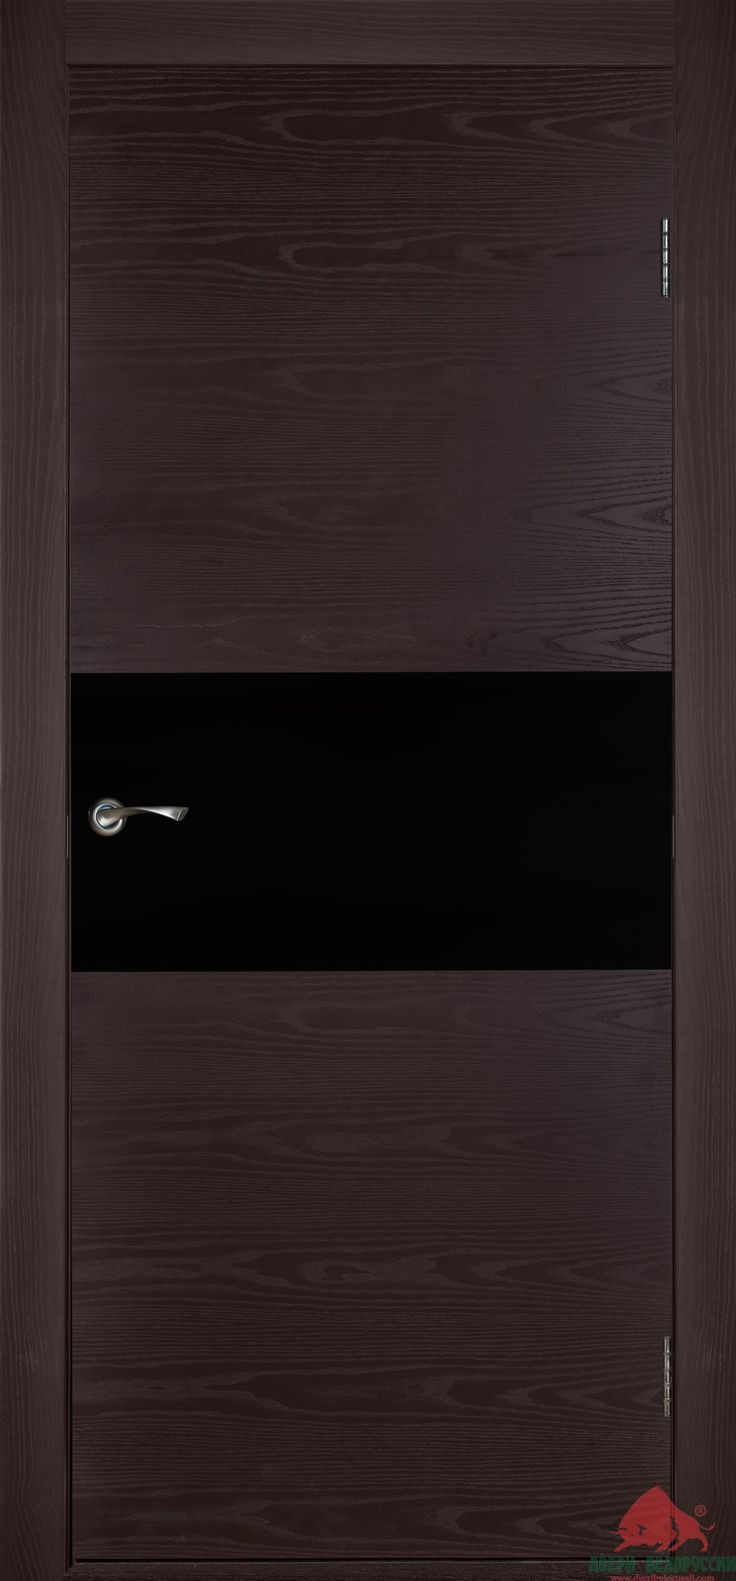 Межкомнатная дверь Нео 2 ультрамарин ПО от 5 995 грн. Фото №1